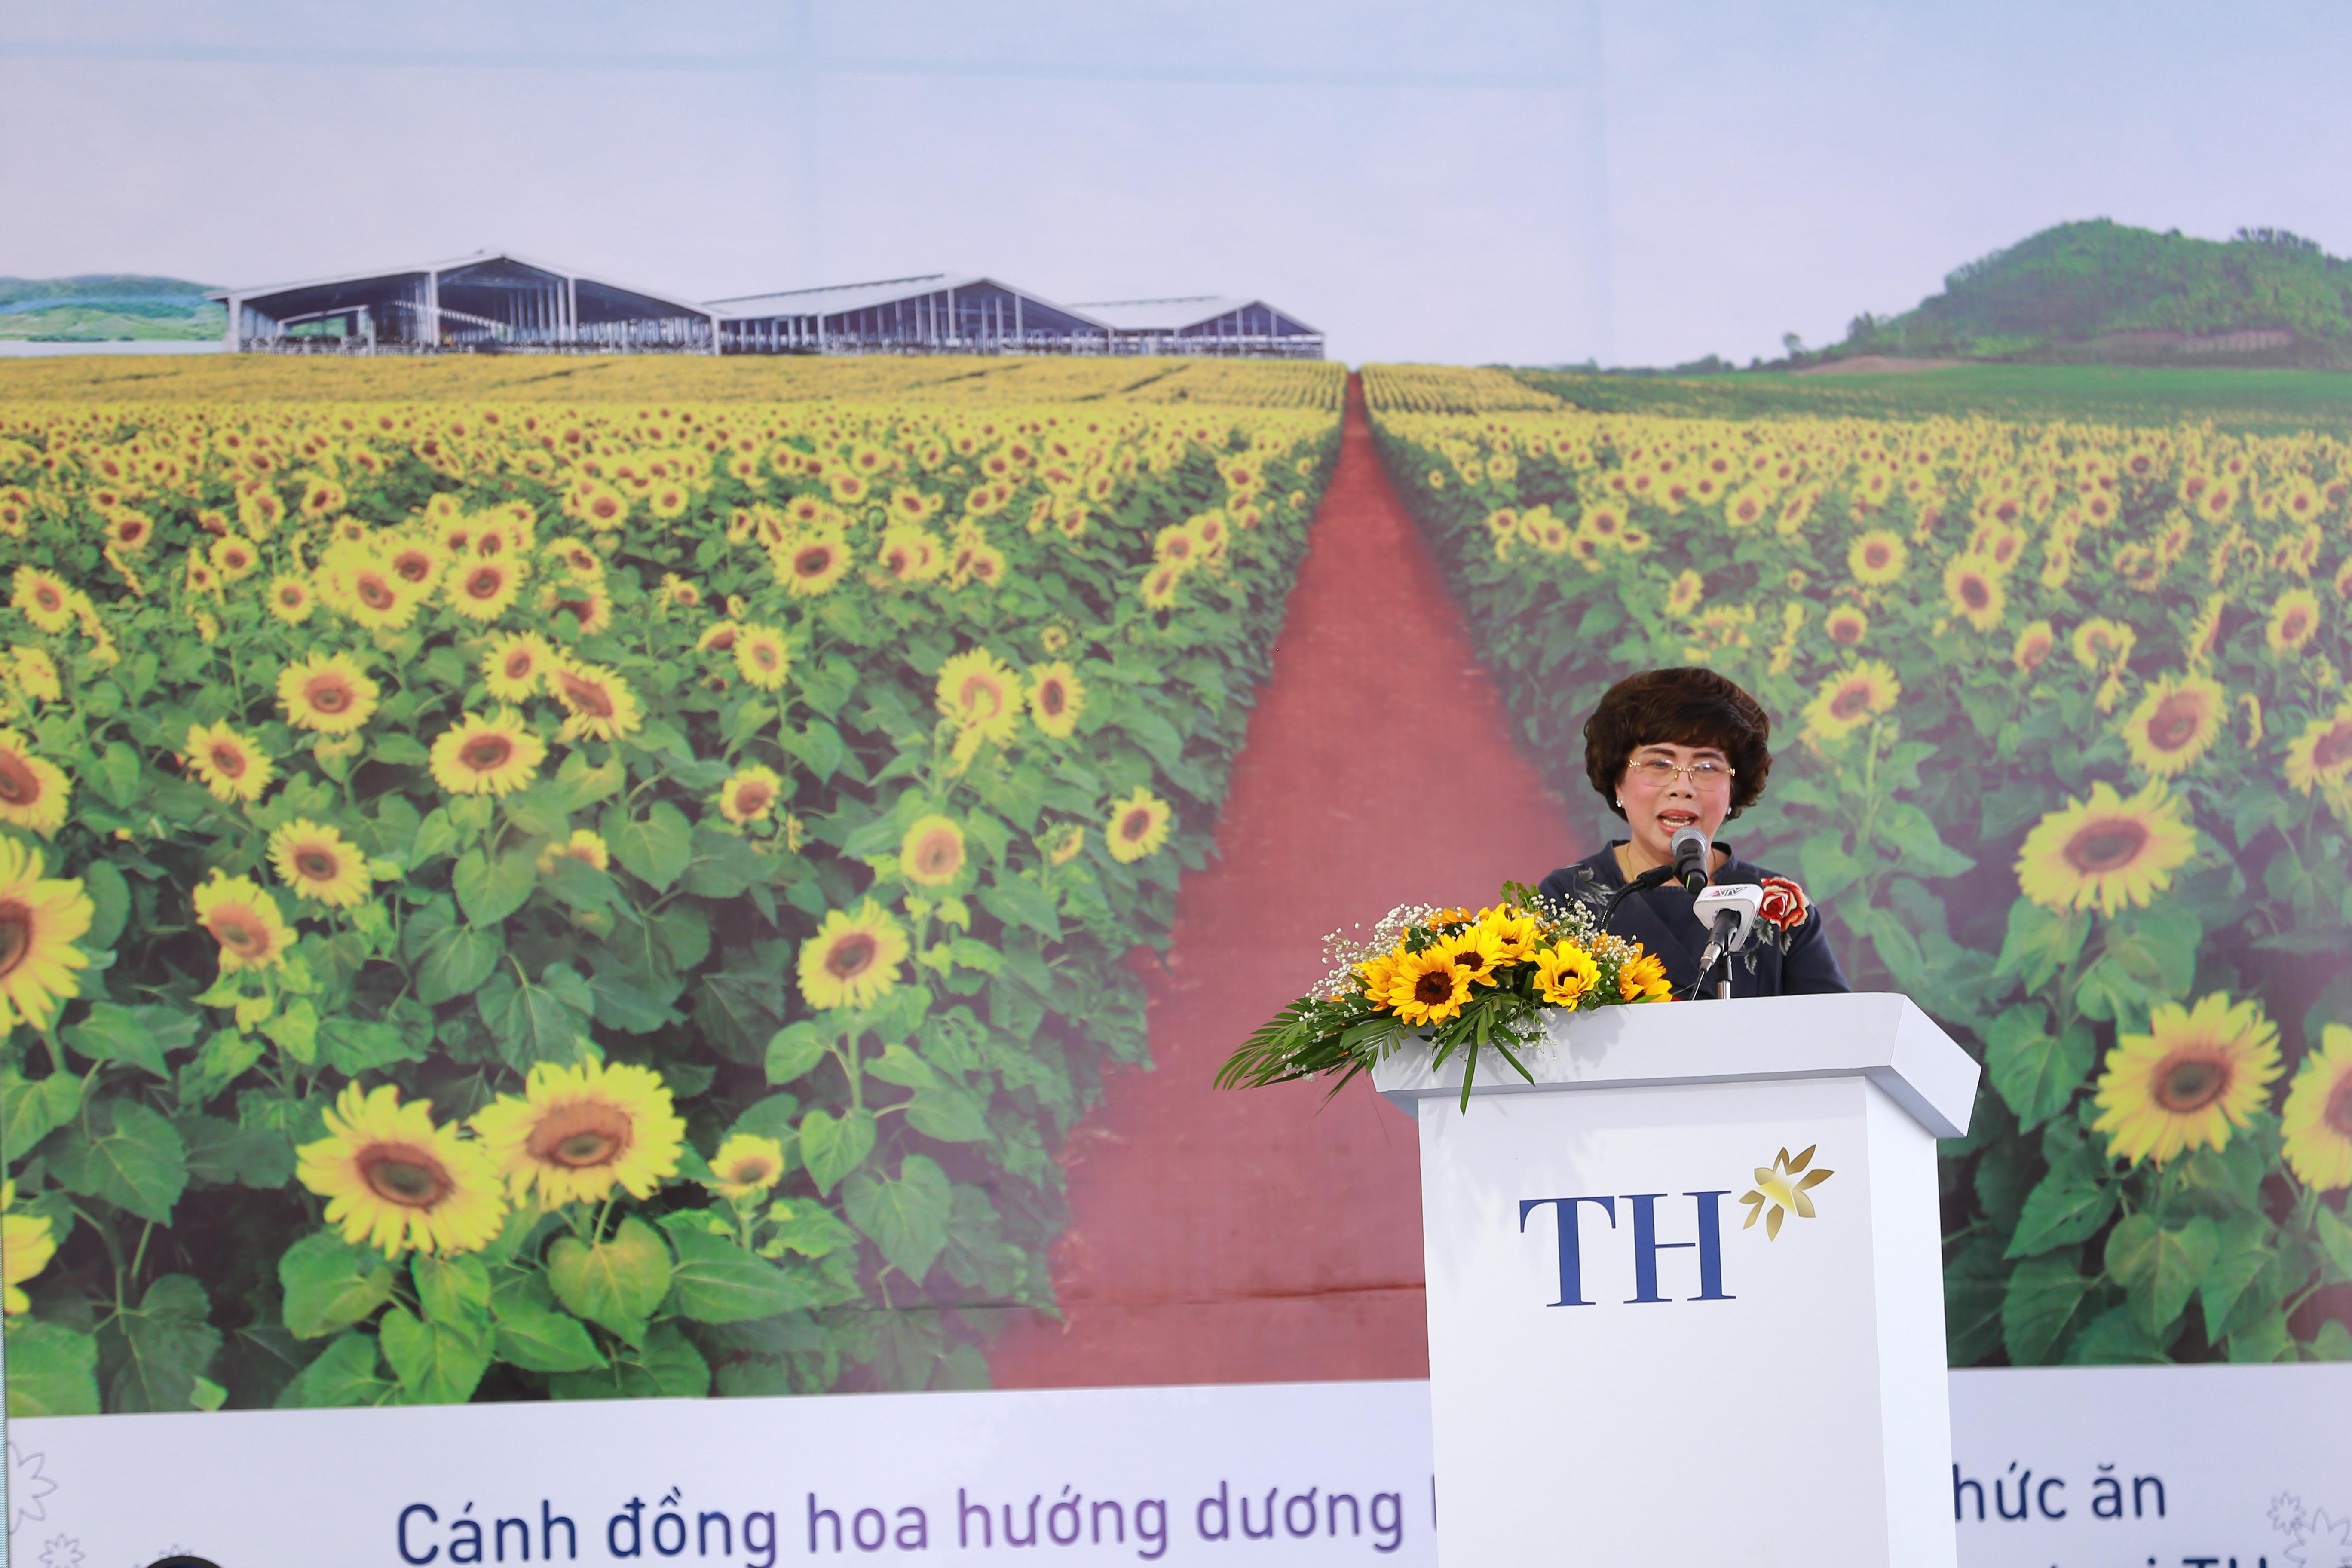 Tập đoàn TH khởi công Dự án chăn nuôi bò sữa công nghệ cao quy mô lớn nhất Đồng bằng sông Cửu Long